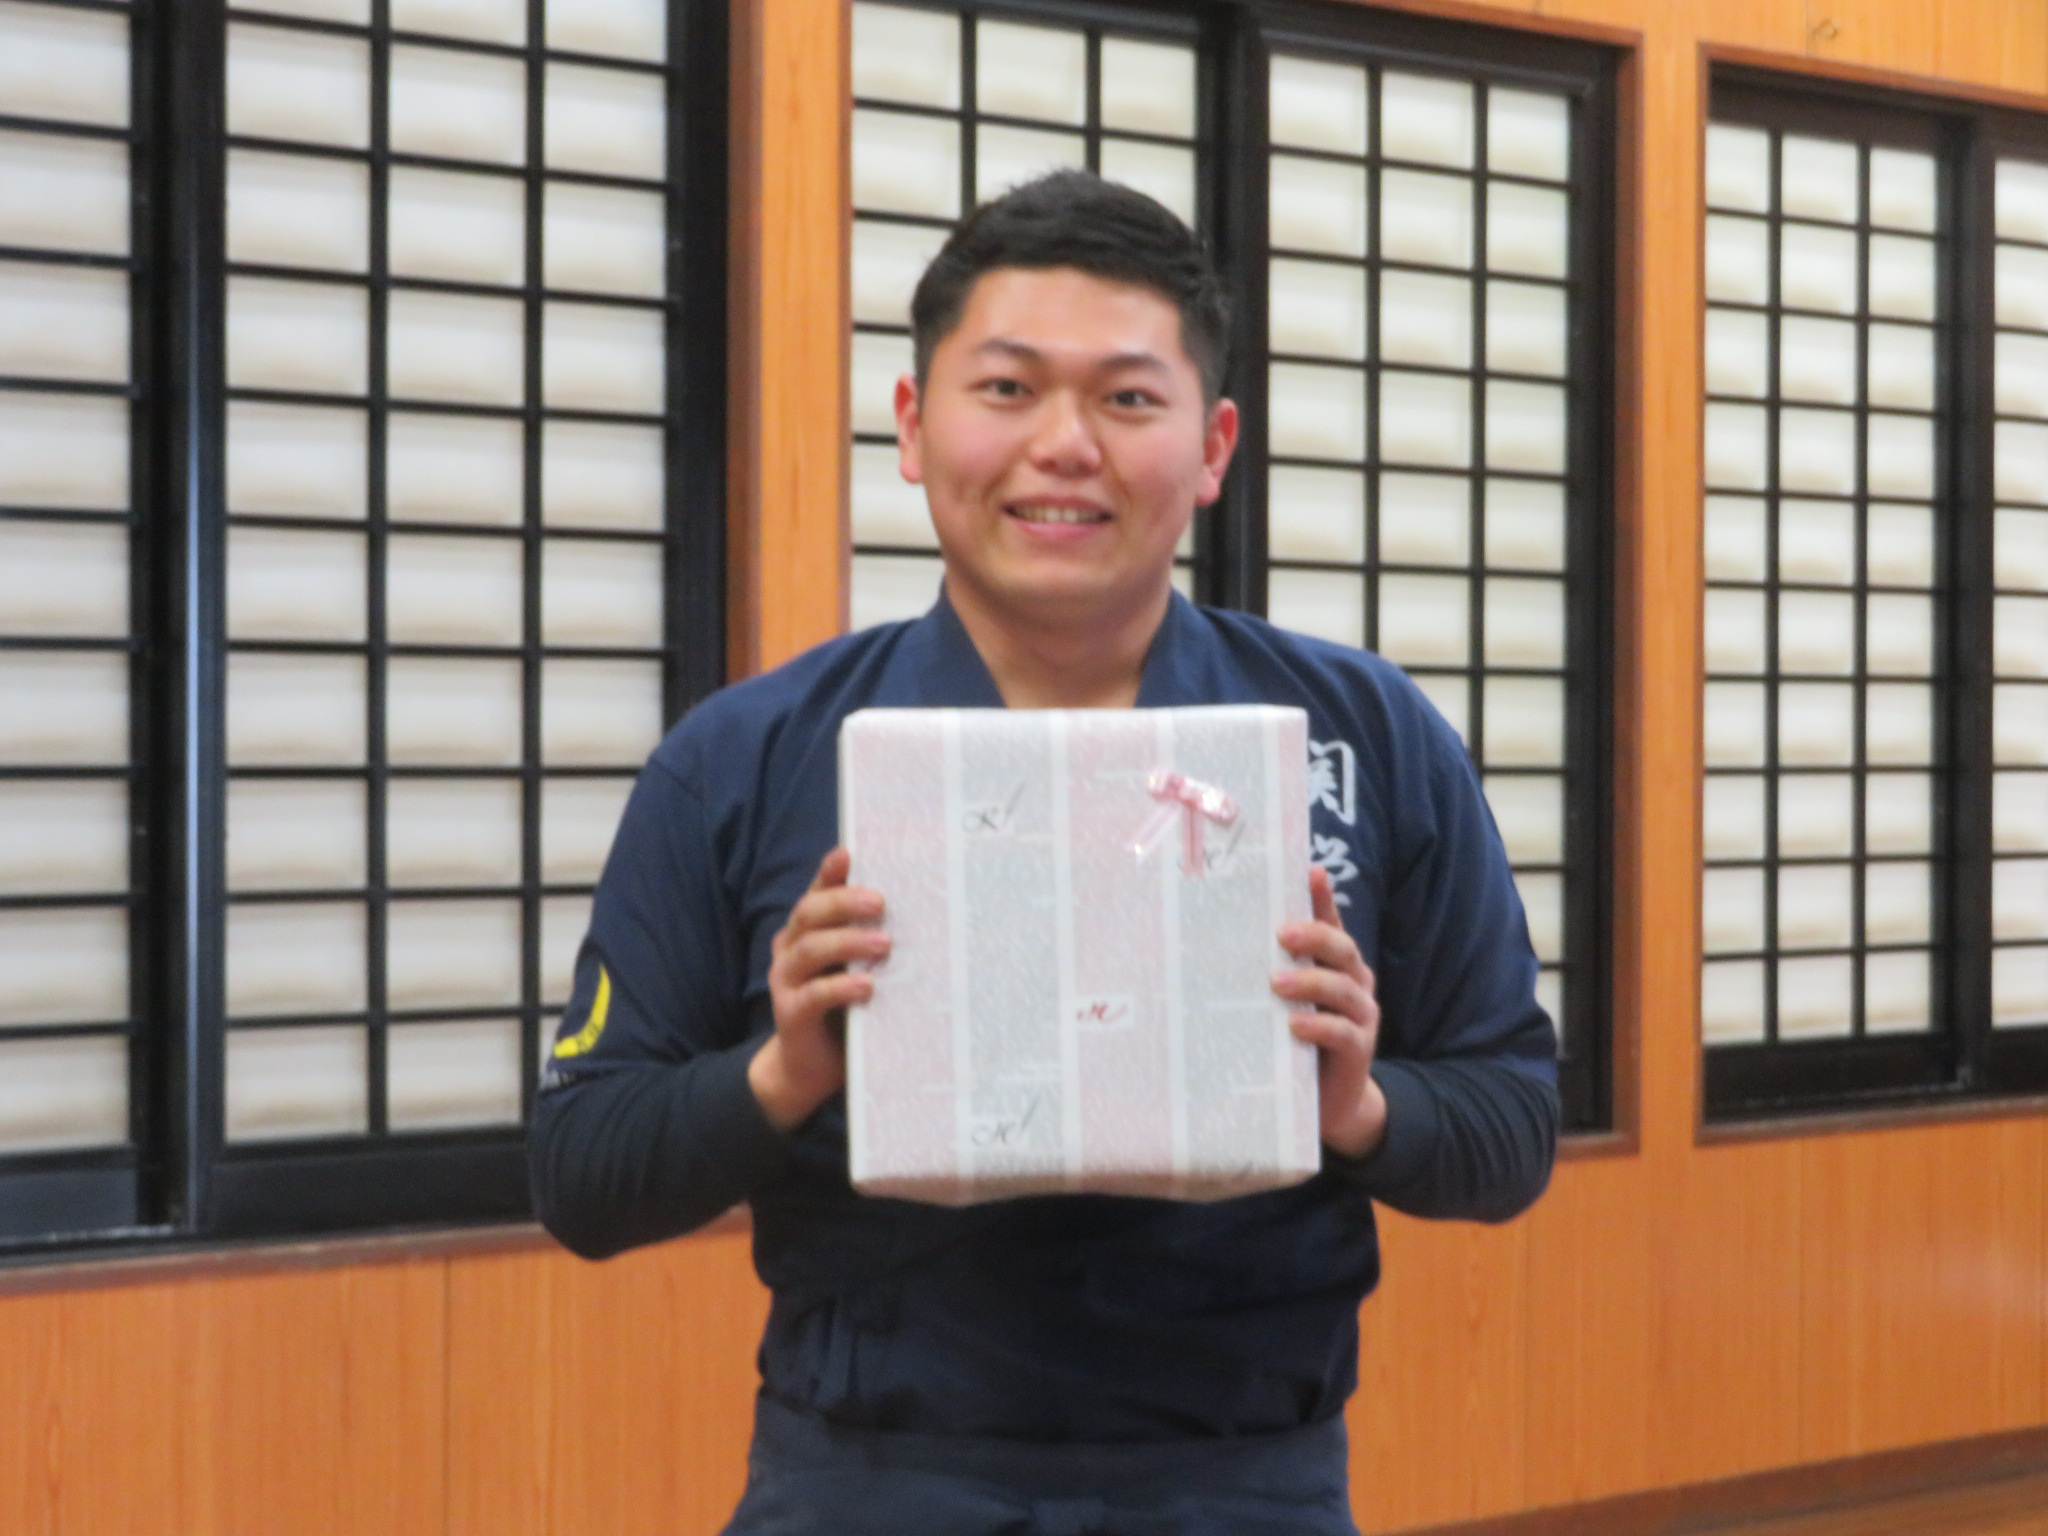 合宿敢闘賞 河本(新2年)昨年11月入部で合宿から立練習開始も高的中を残した